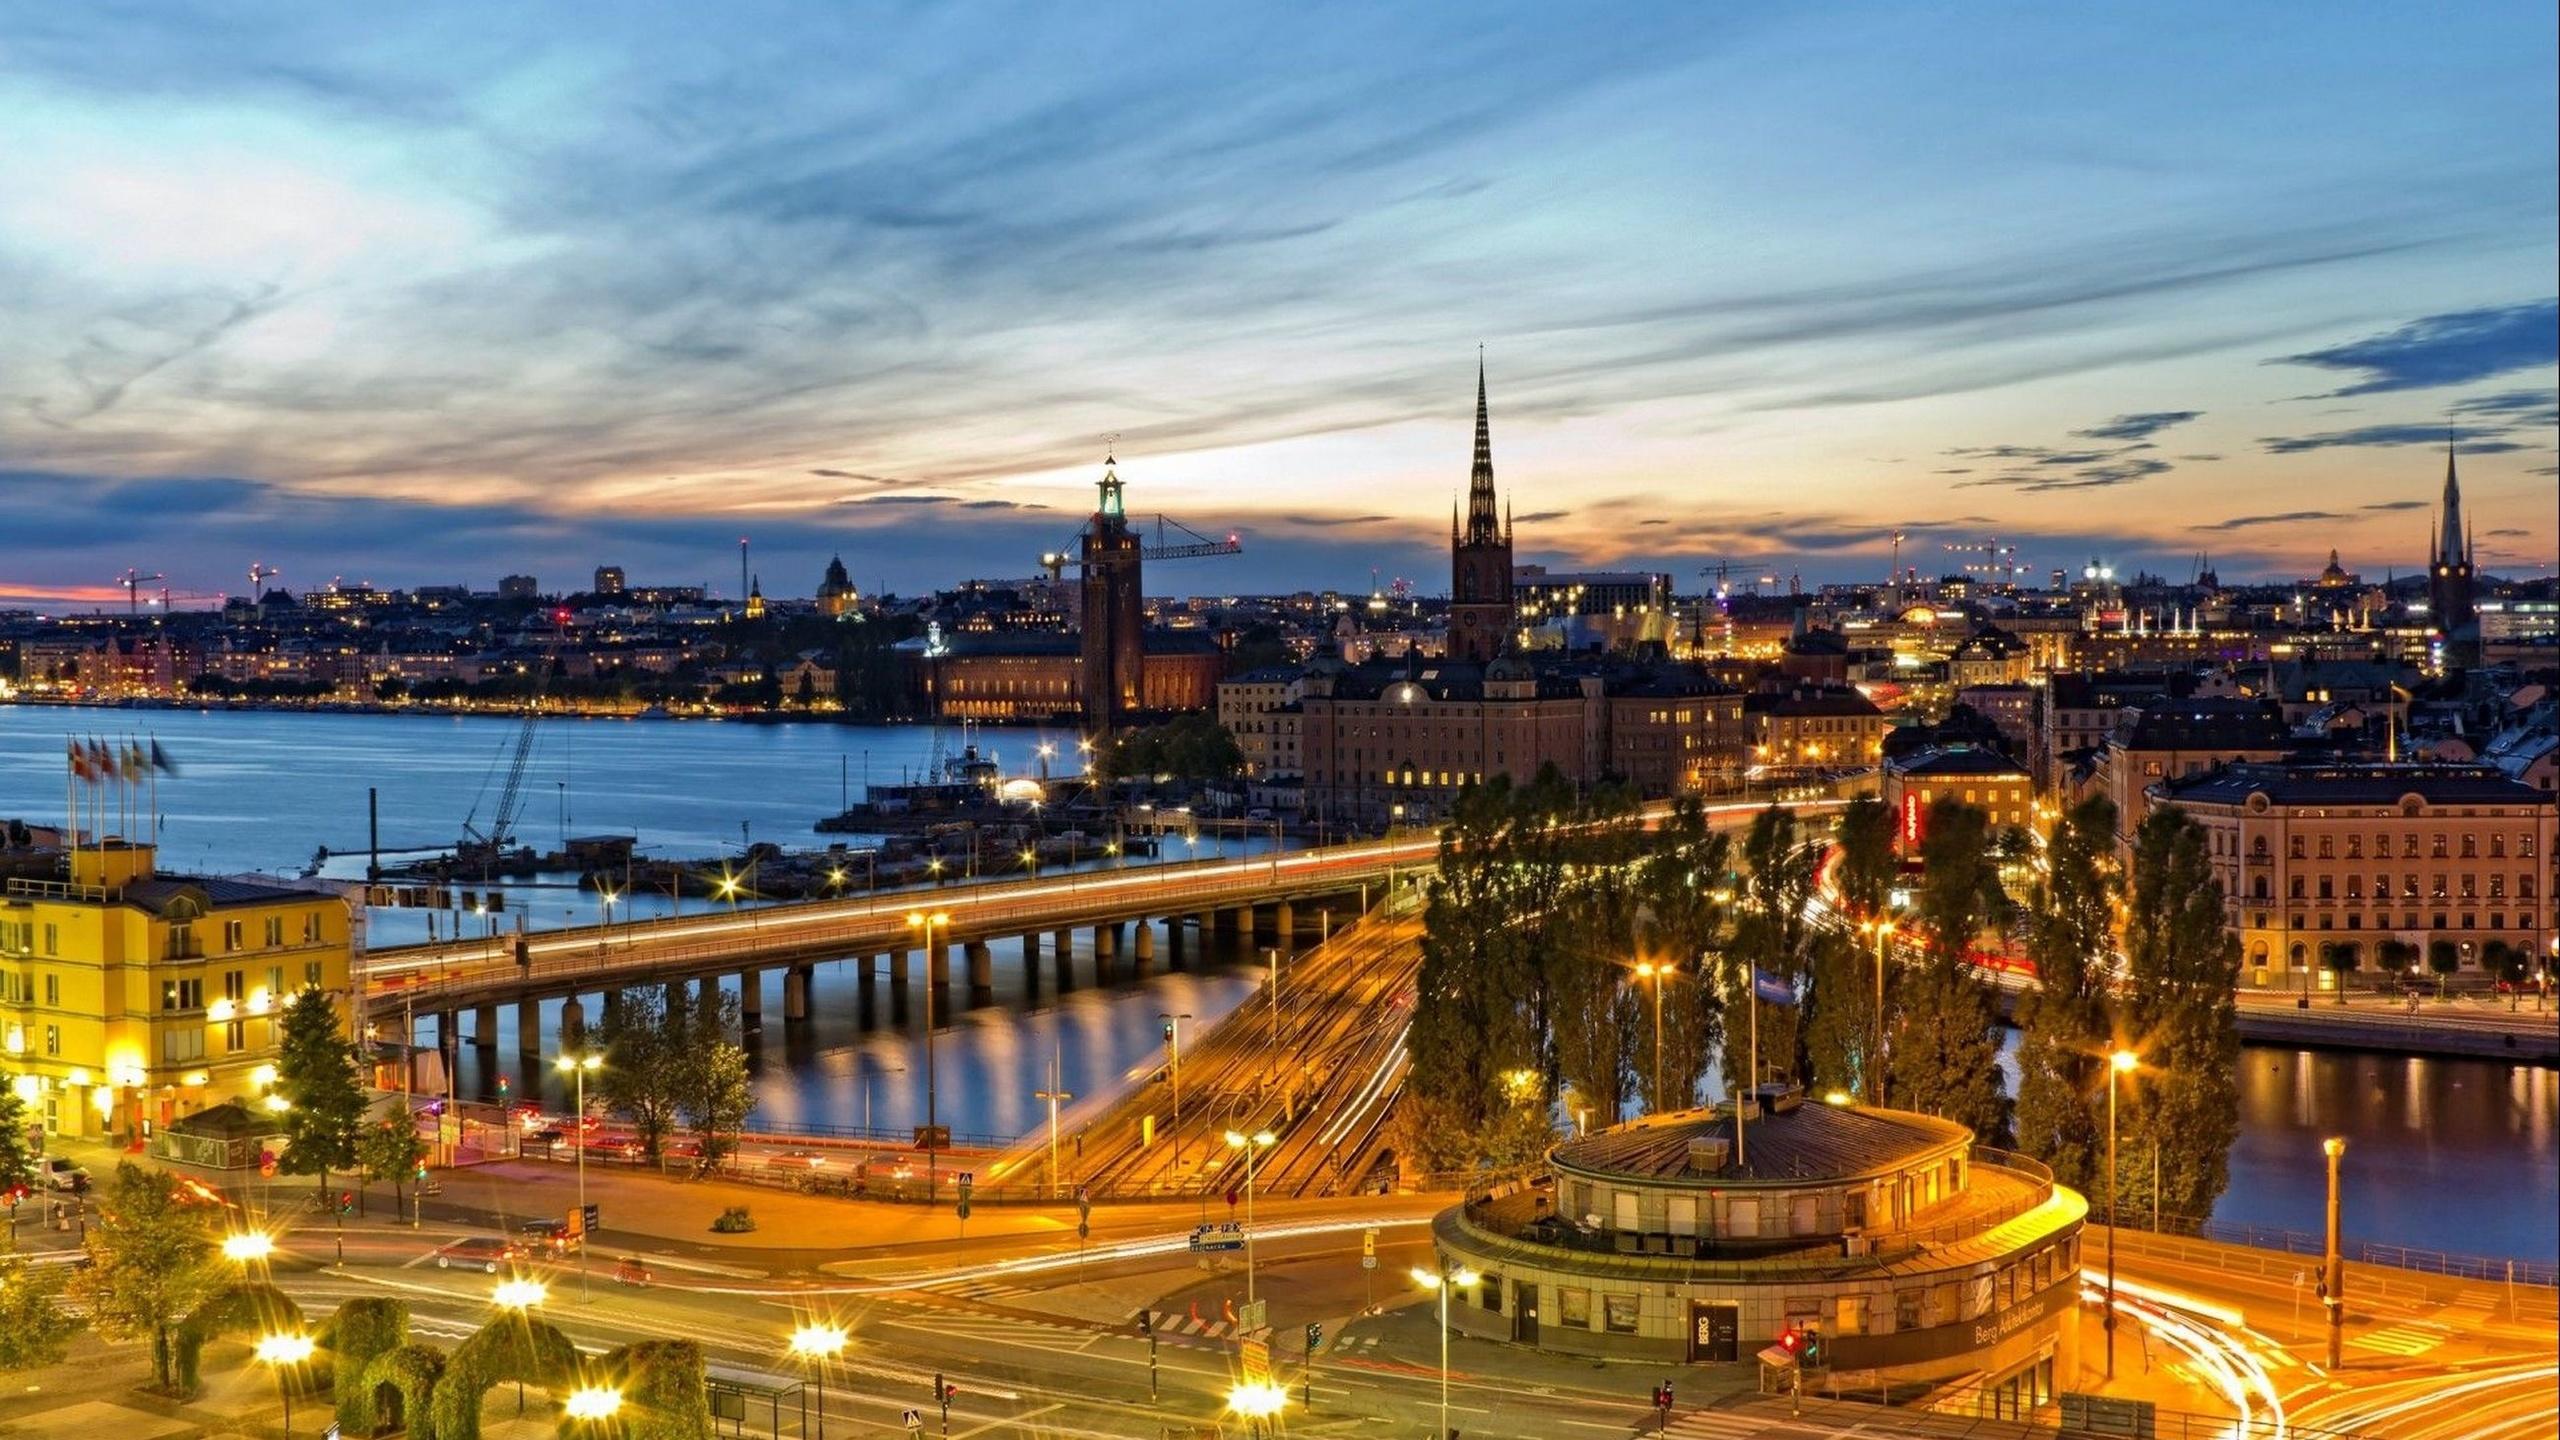 Швеция картинка с надписью